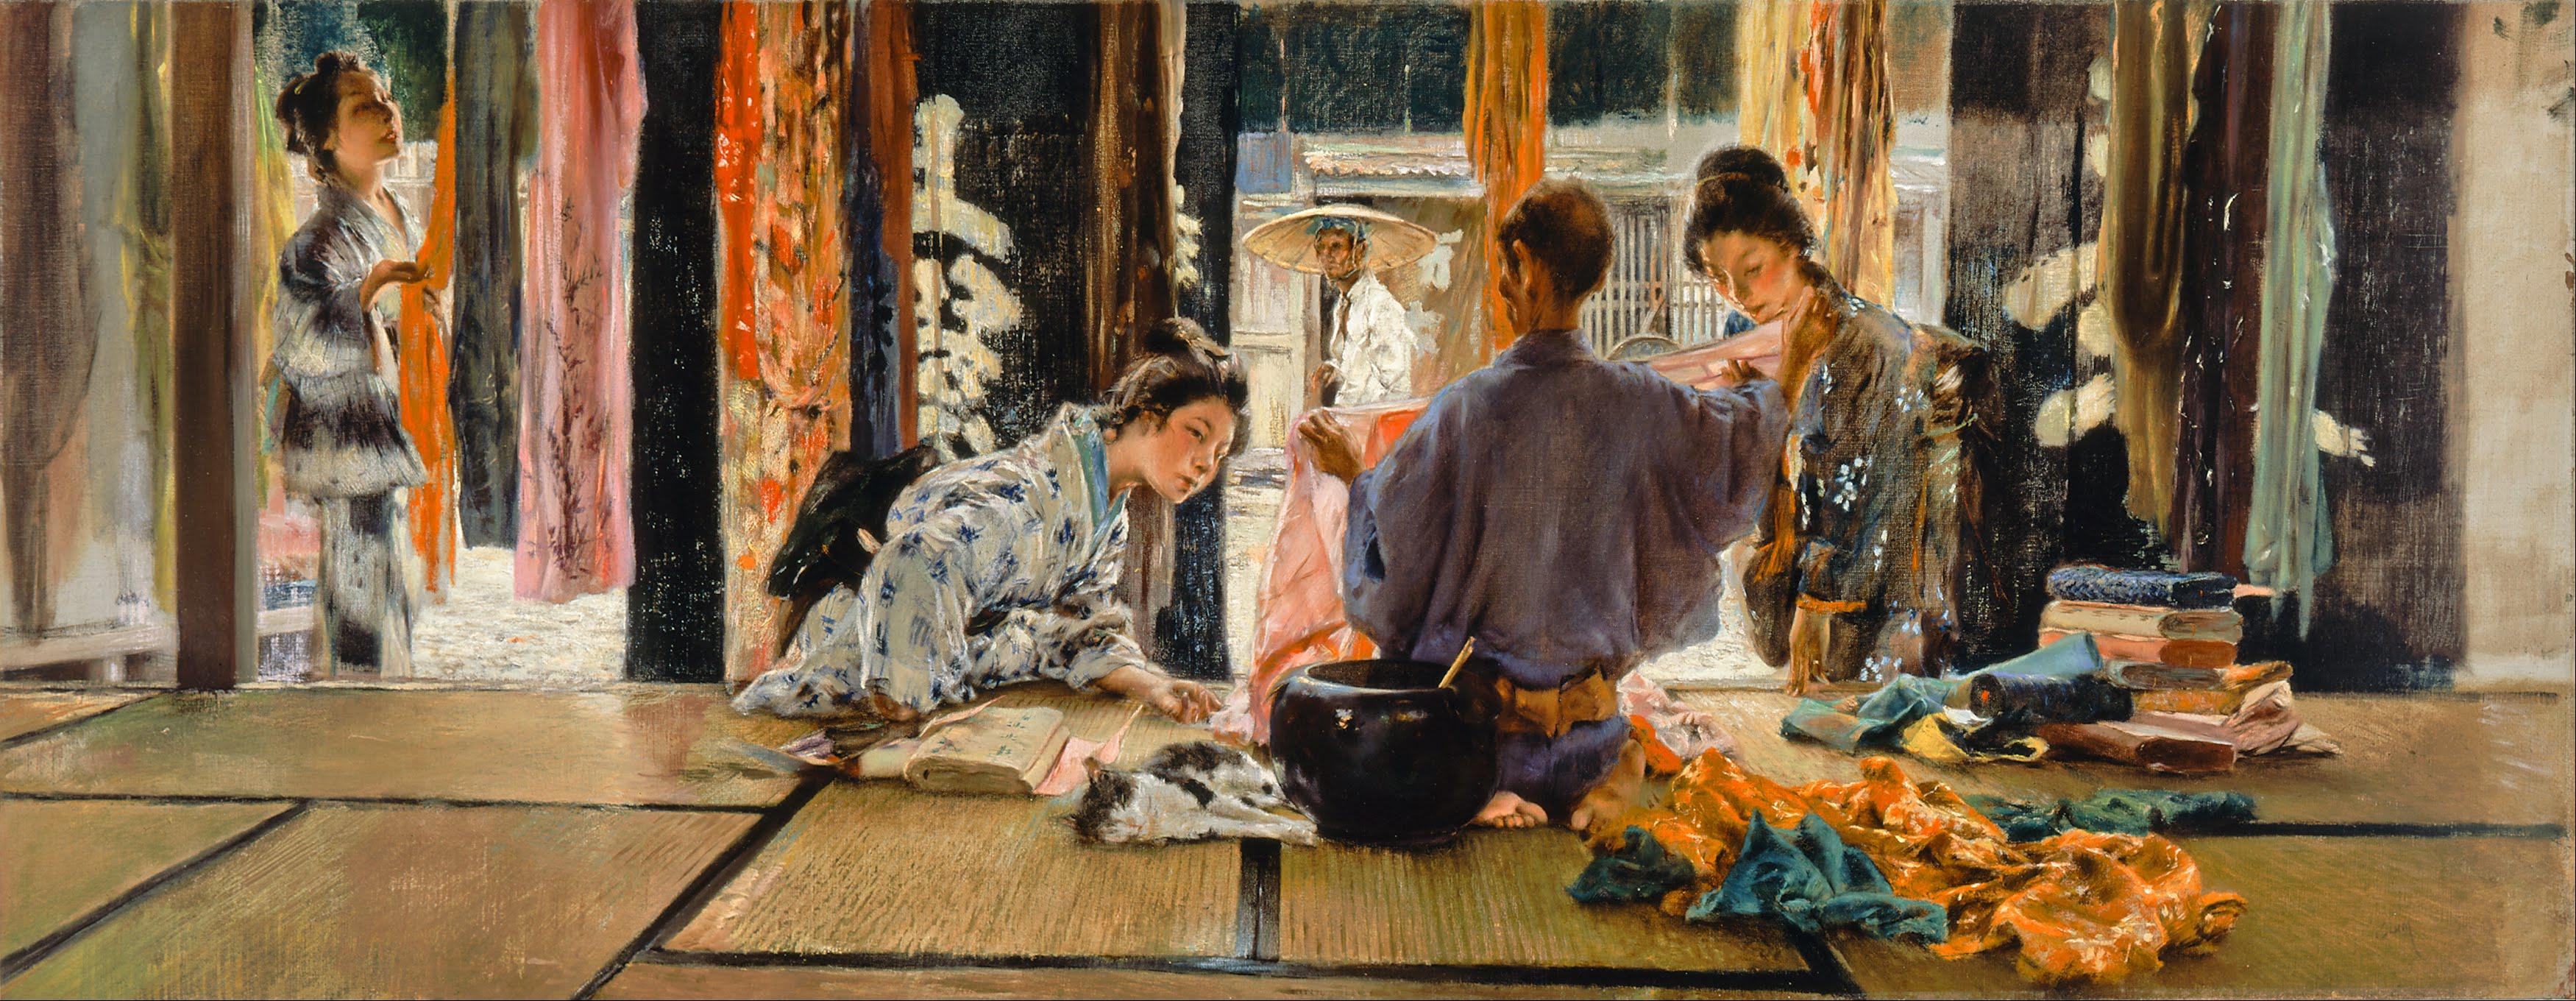 Robert_Frederick_Blum_-_The_Silk_Merchant,_Japan